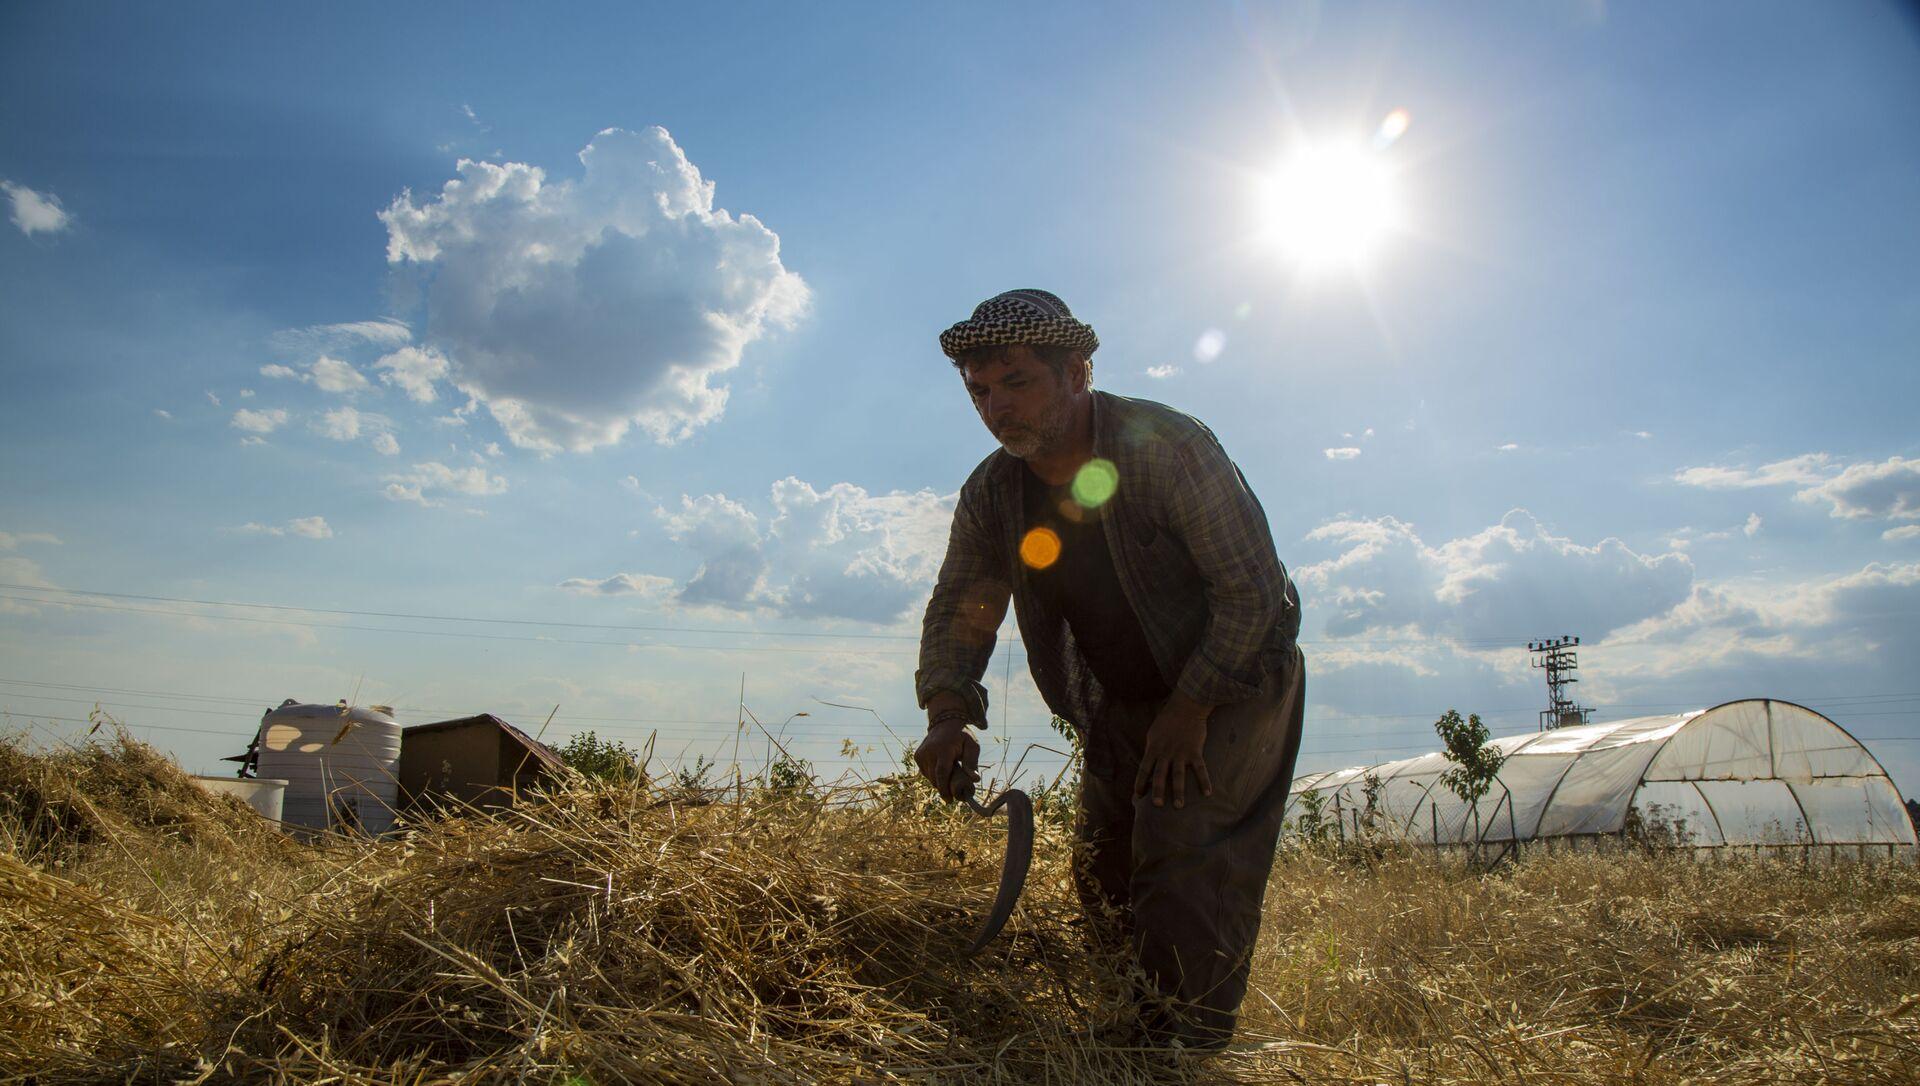 3 dönümlük tarlada yerel tohum mücadelesi: Doğayla barışık, toprakla uyumlu - Sputnik Türkiye, 1920, 09.05.2021